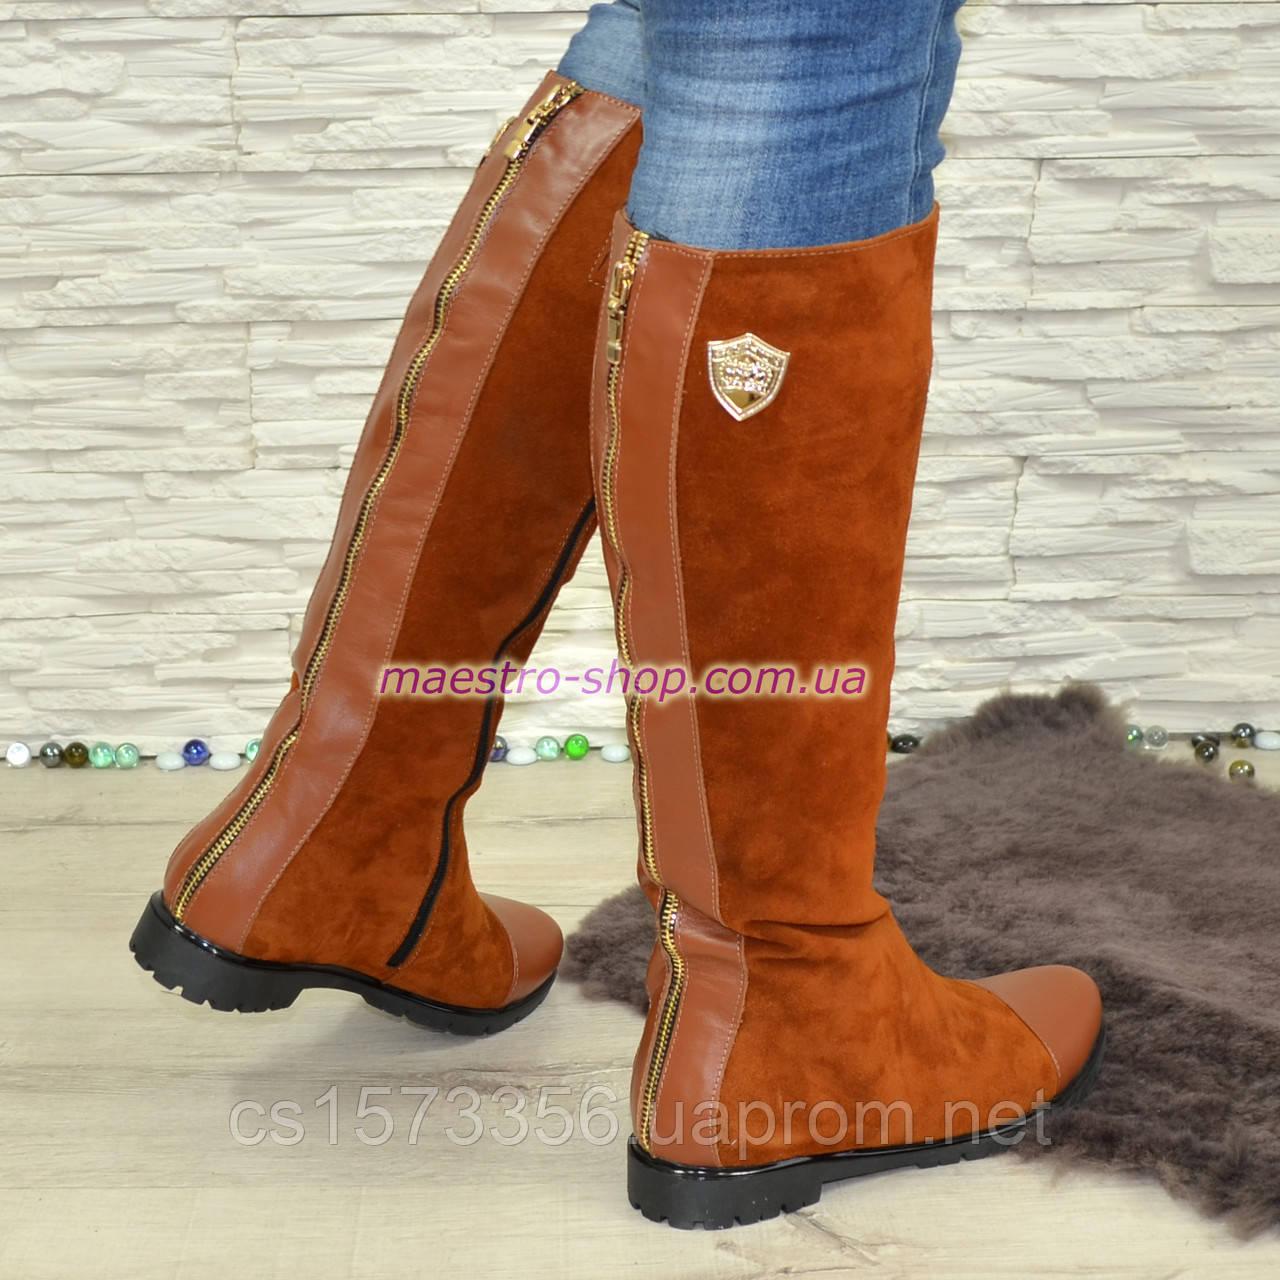 Замшевые коричневые женские сапоги демисезонные. Хит продаж!